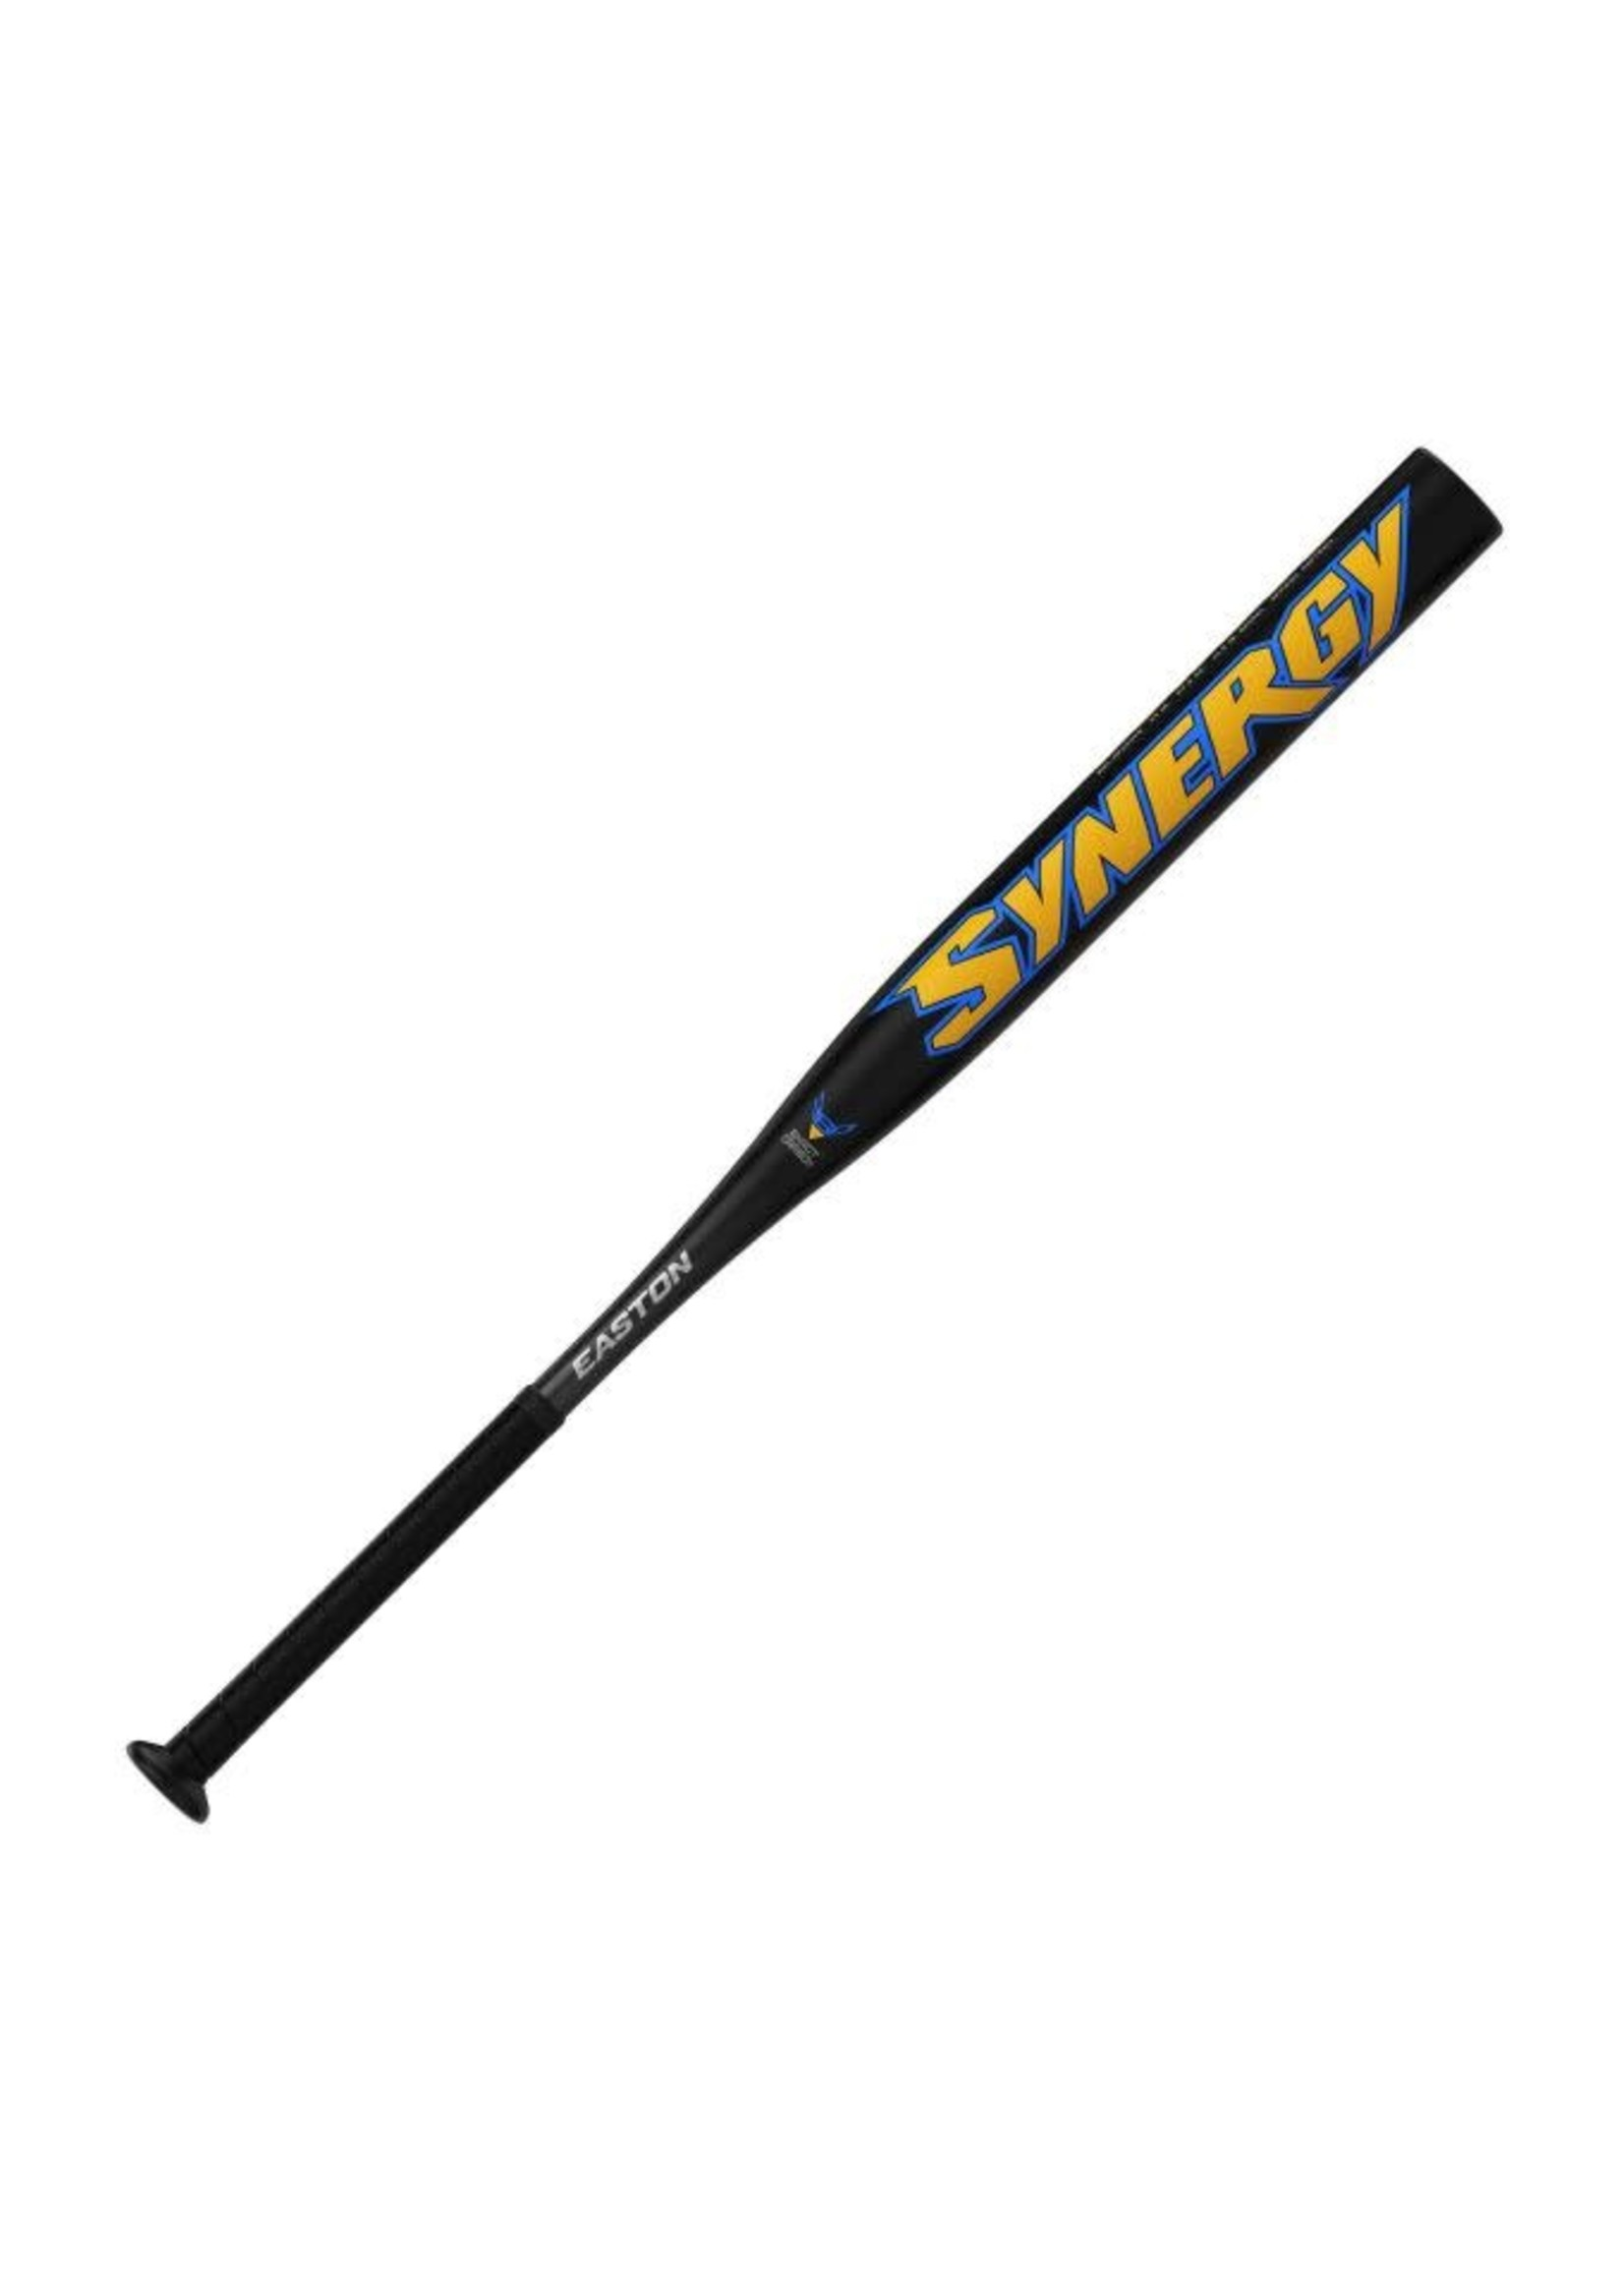 Easton Baseball (Canada) 2020 EASTON SYNERGY LOADED 13.25''